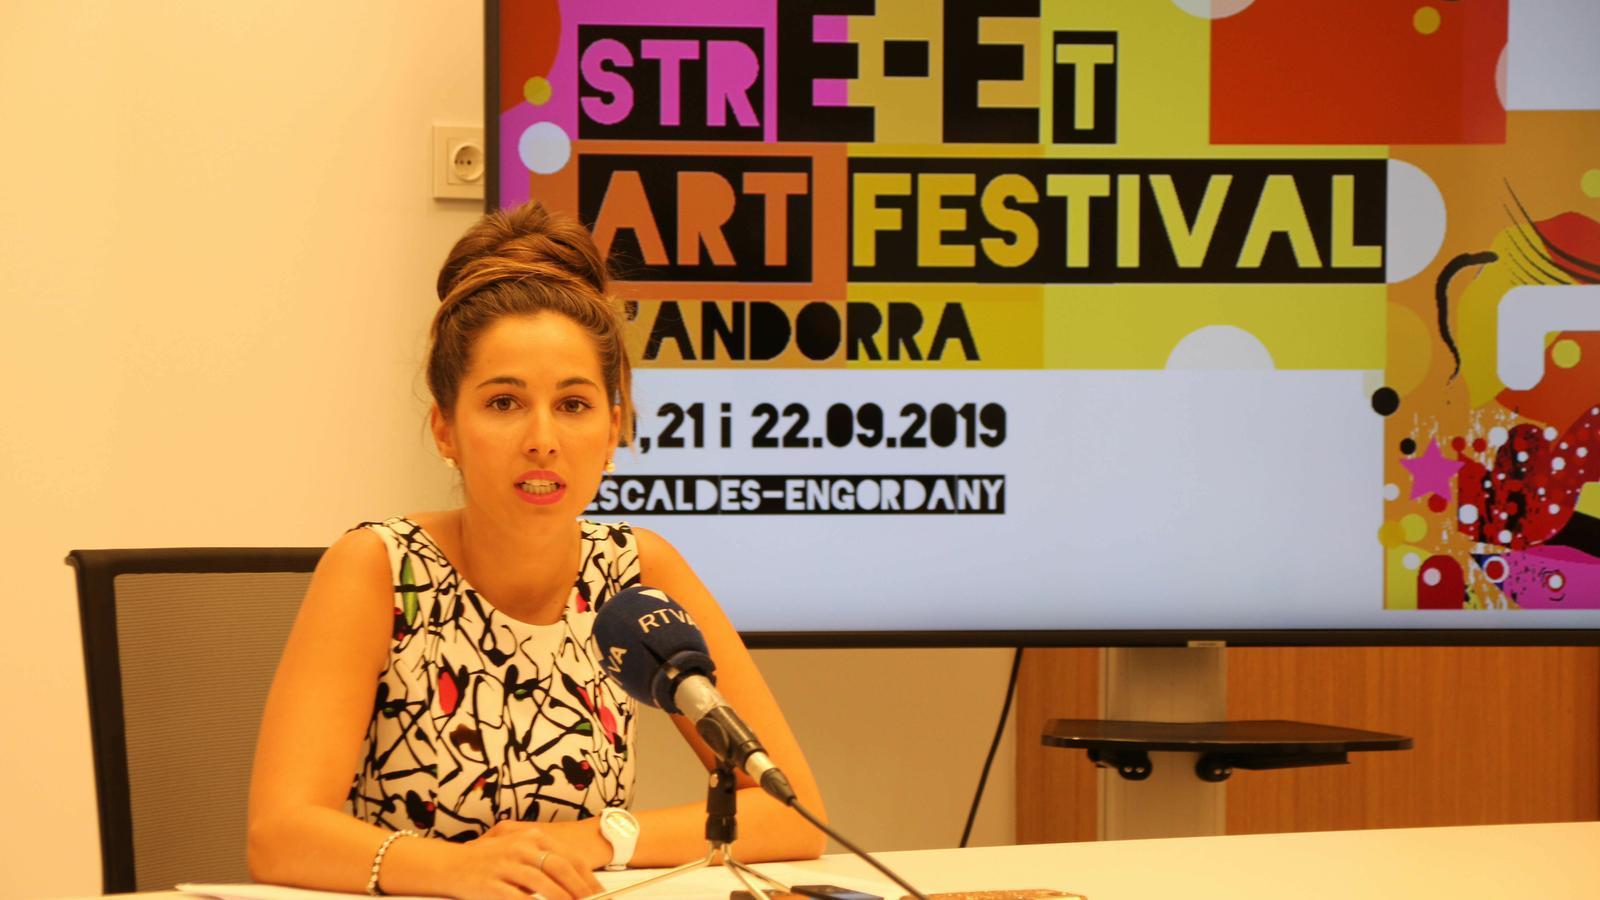 La consellera Laura Lavado presentant l'Street Art Festival. / C. A.